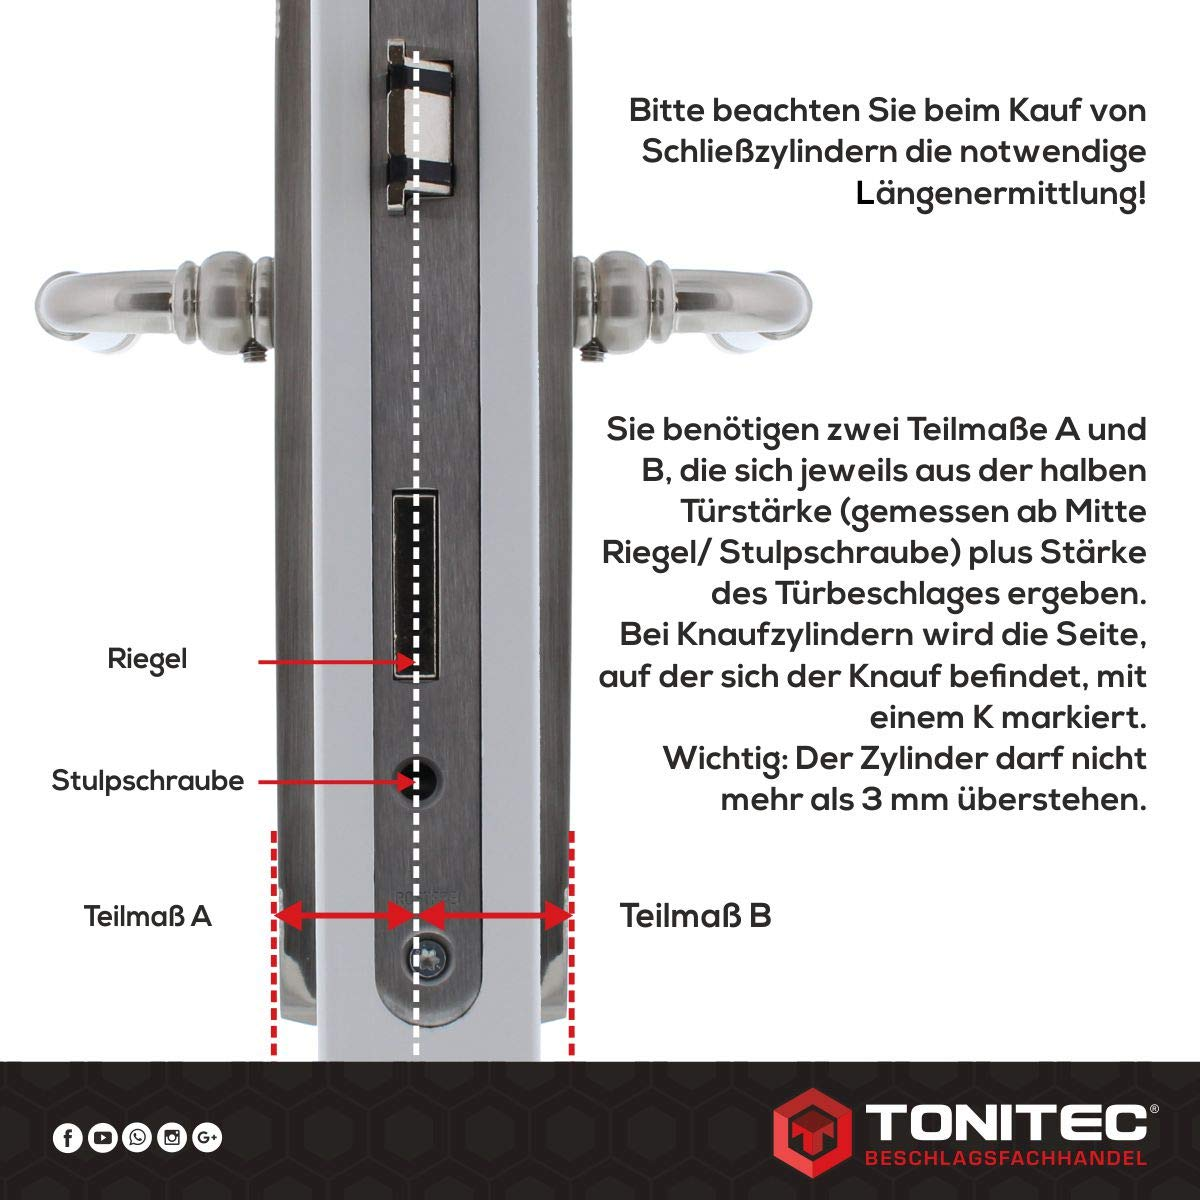 ToniTec CodeCard Gr/ö/ße 40 45 mm Schlie/ßung 2 ABUS Schlie/ßzylinder Schlie/ßanlage Zylinderschloss als Doppelzylinder gleichschlie/ßend EC550 mit 3 Schl/üssel inkl